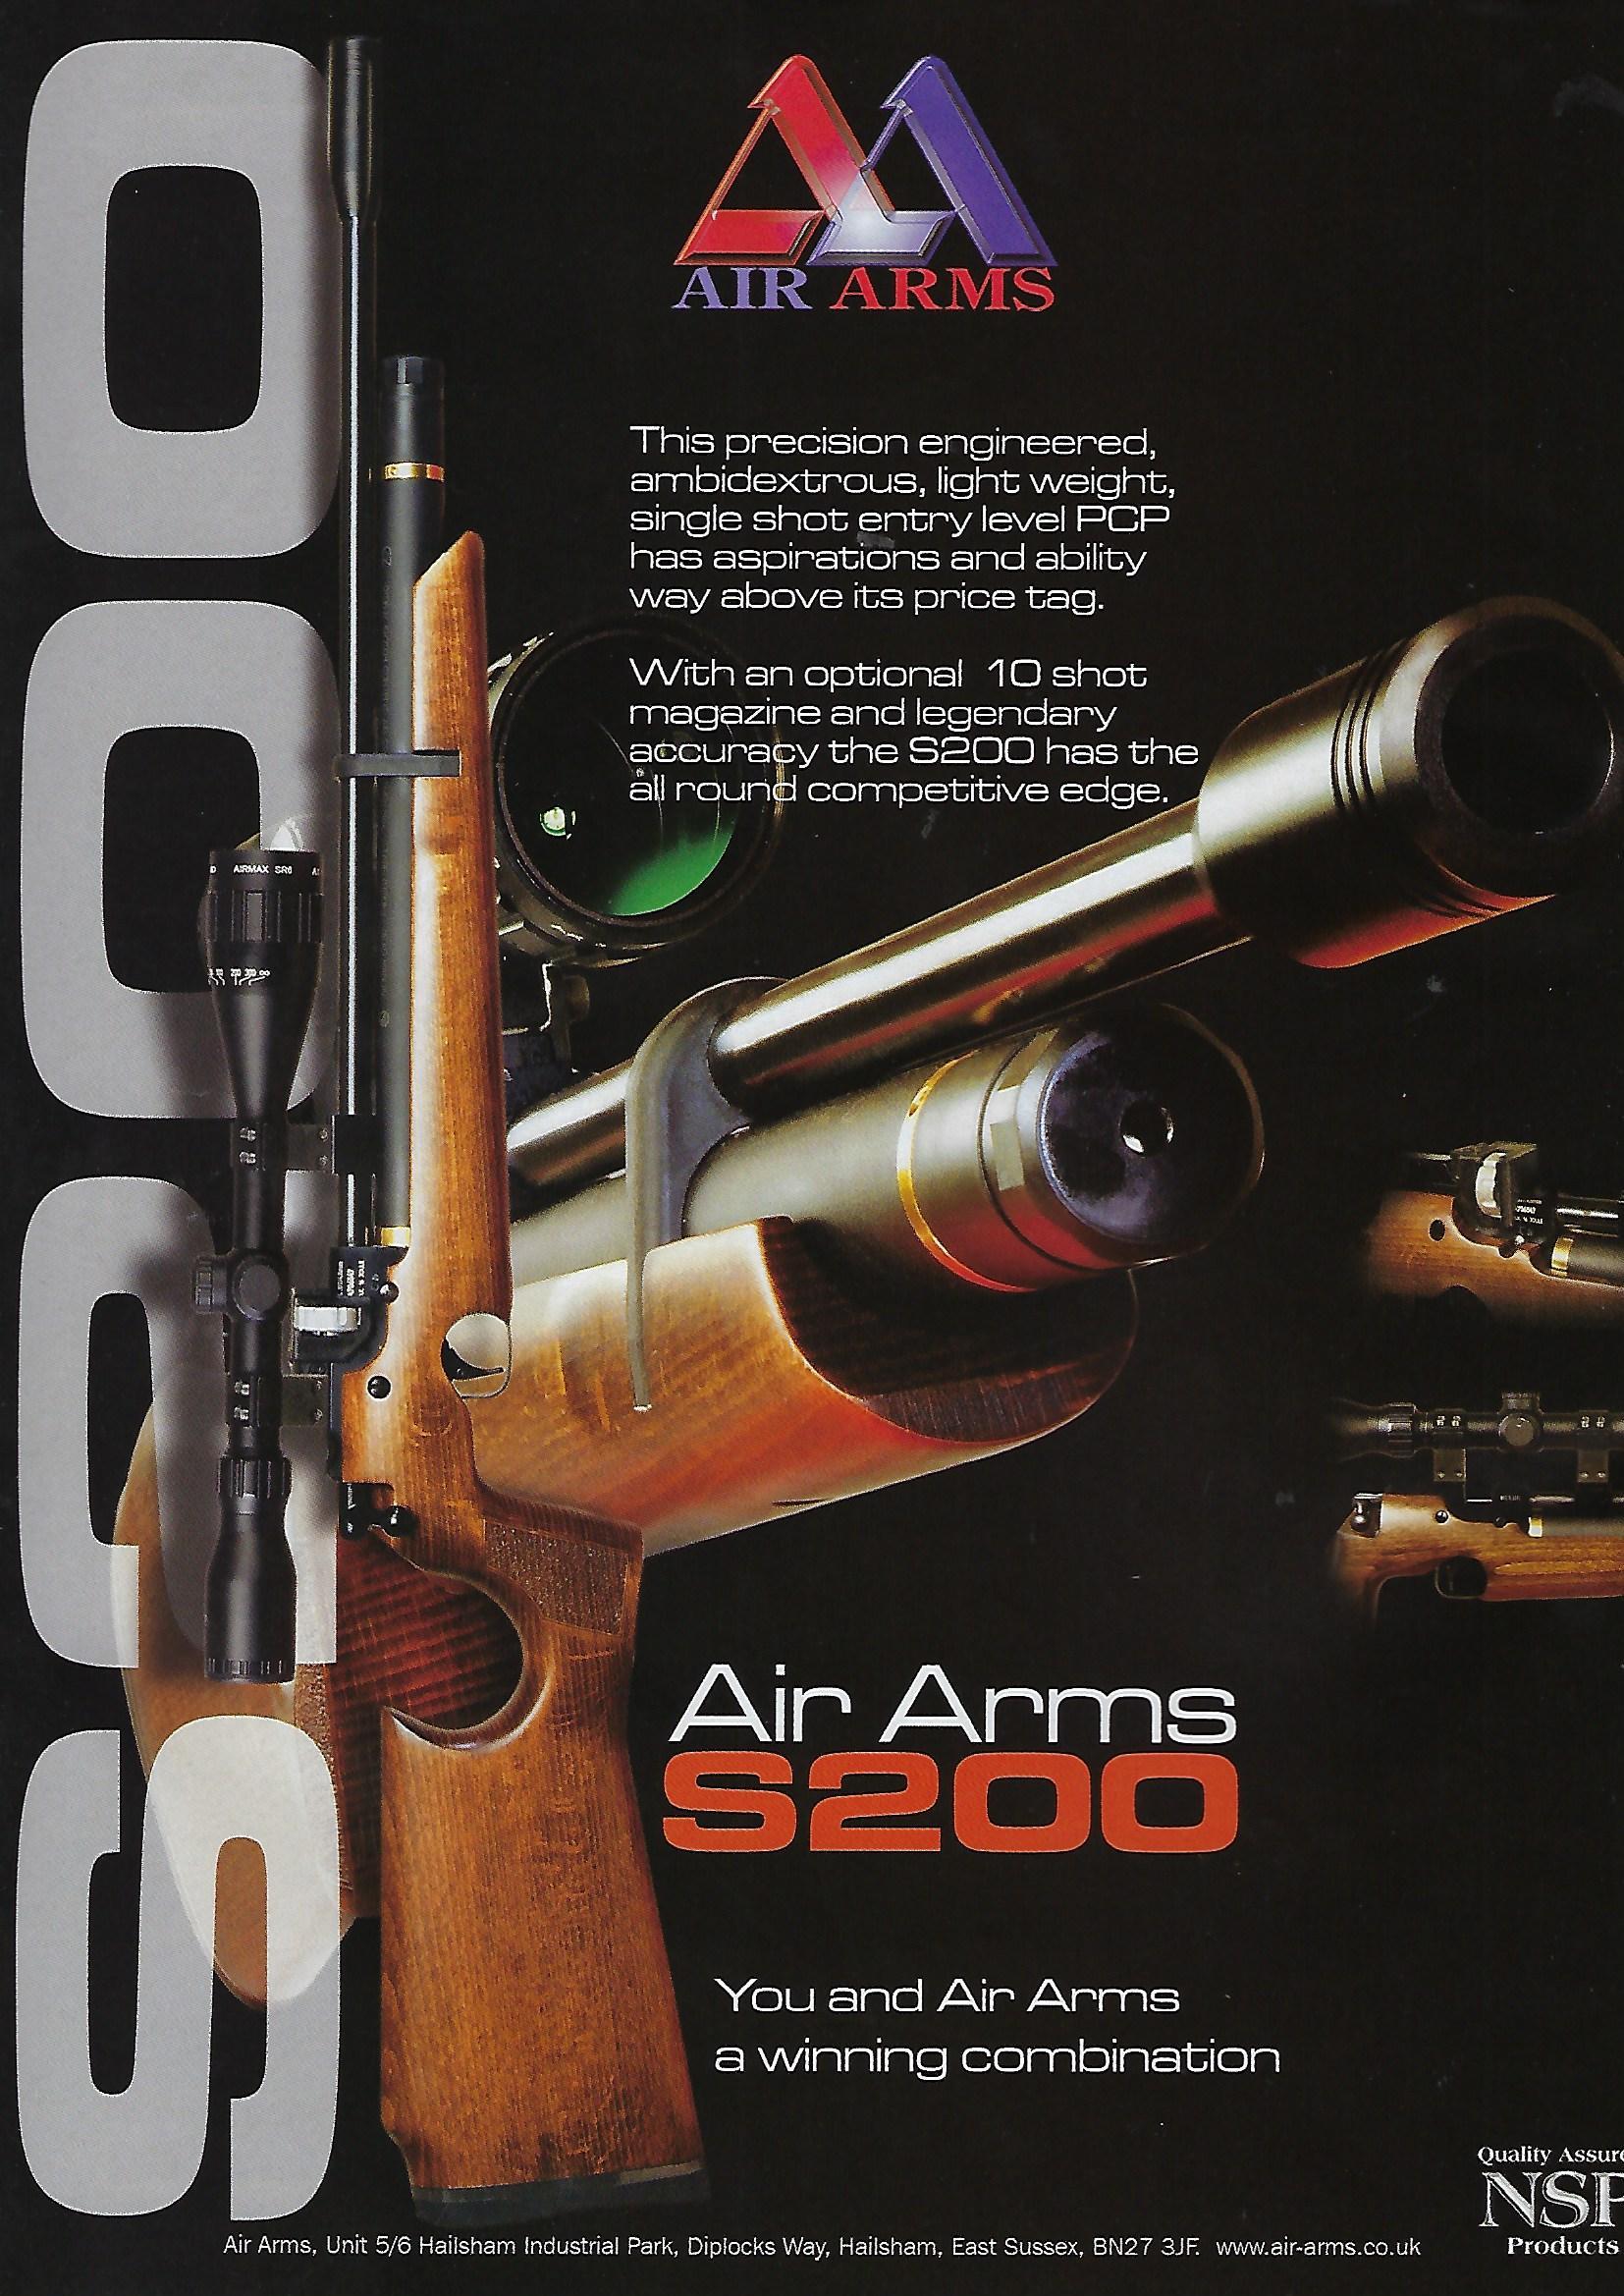 AGW - NOVEMBER 2010 - AA AD 2.jpg